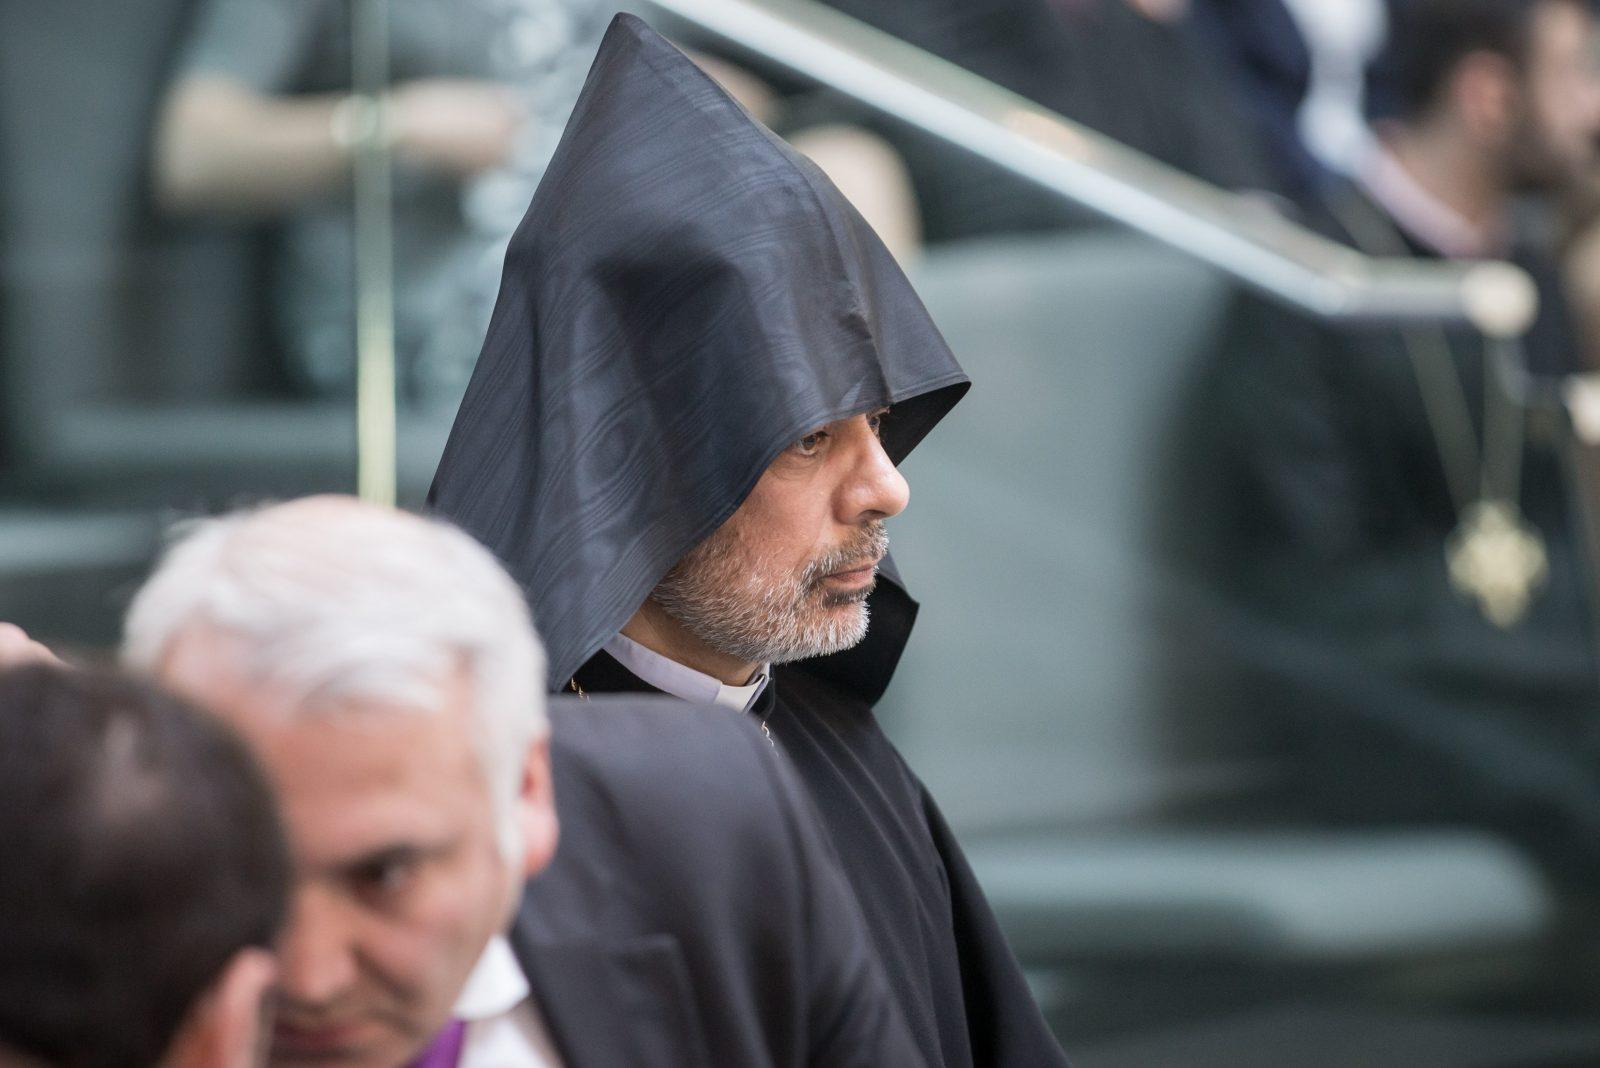 Der Bischof der Armenischen Kirchen in Deutschland, Serovpé Isakhanyan: Türkische Extremisten bedrohten die demokratische Gesellschaft